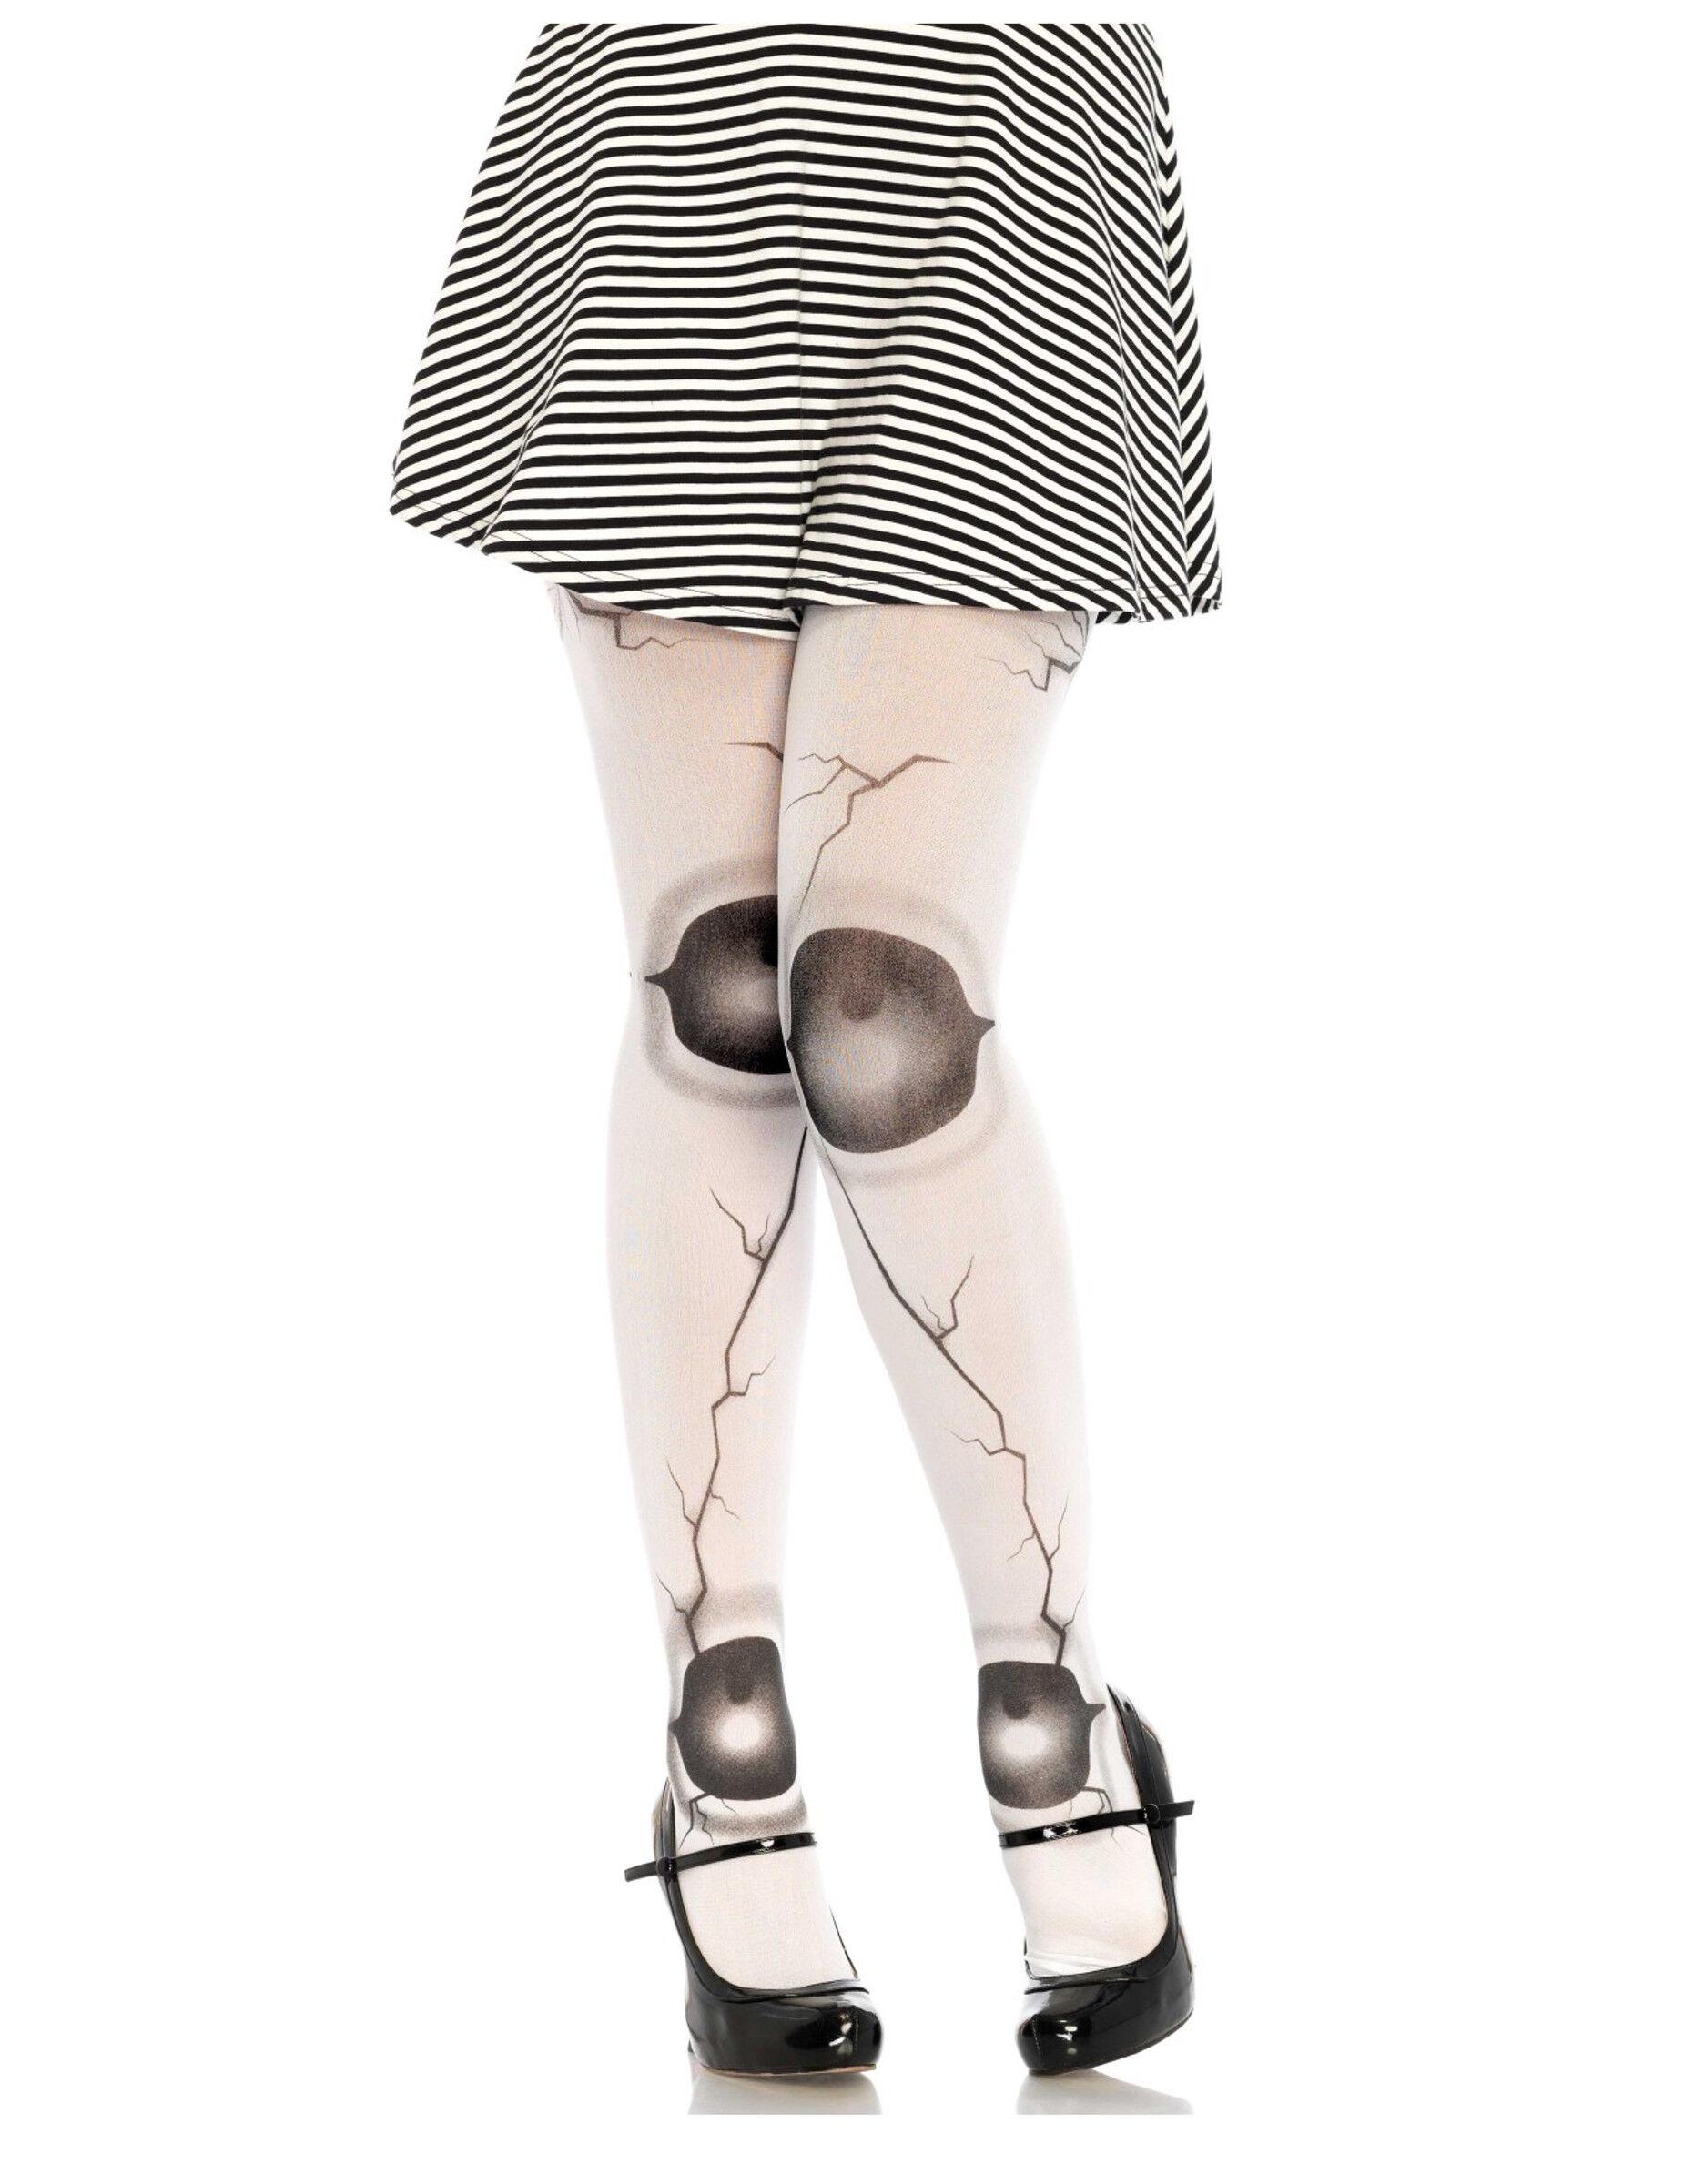 Vegaoo Calze bambola scheggiata donna